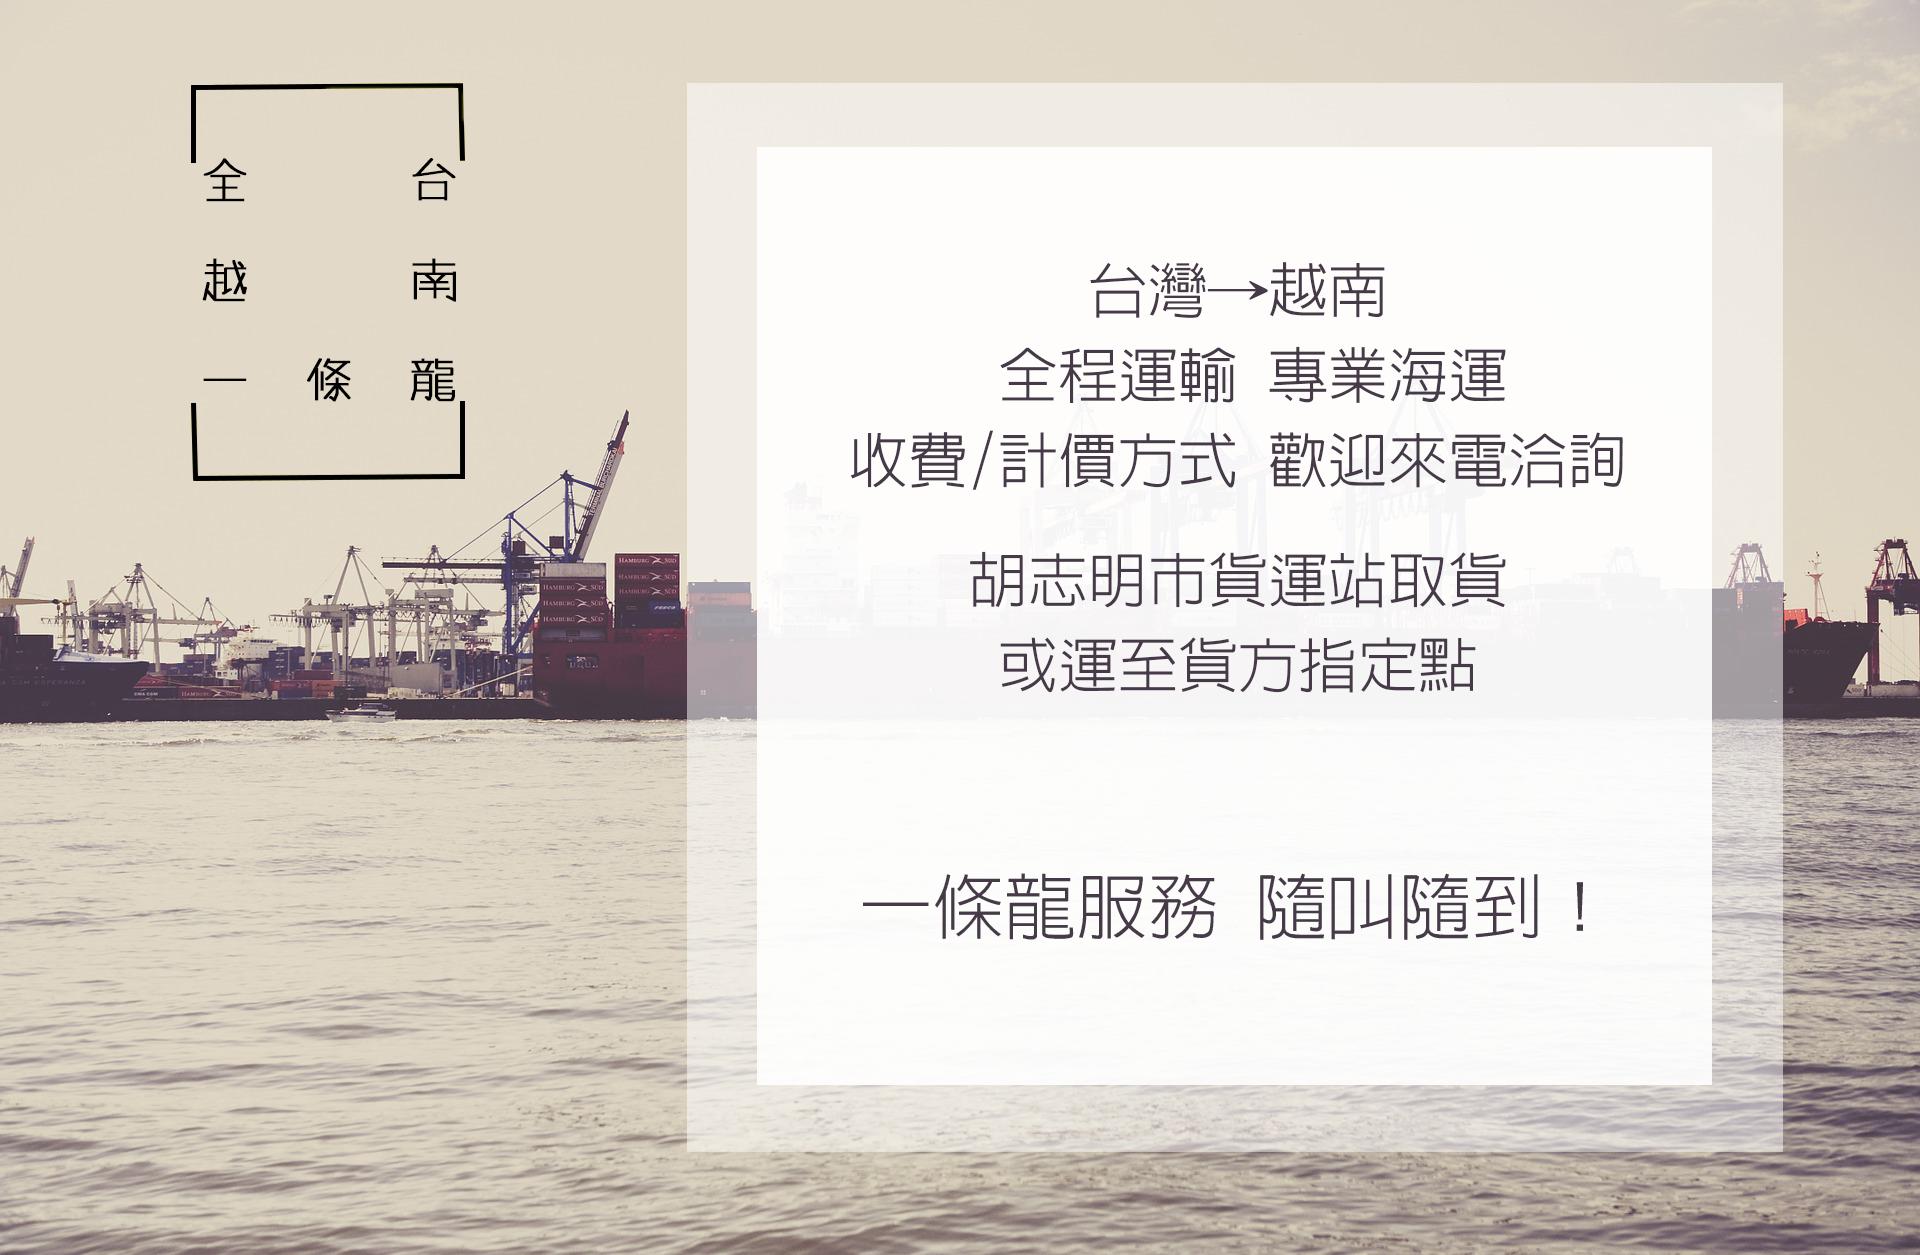 全台越南一條龍(0116改過介紹).png